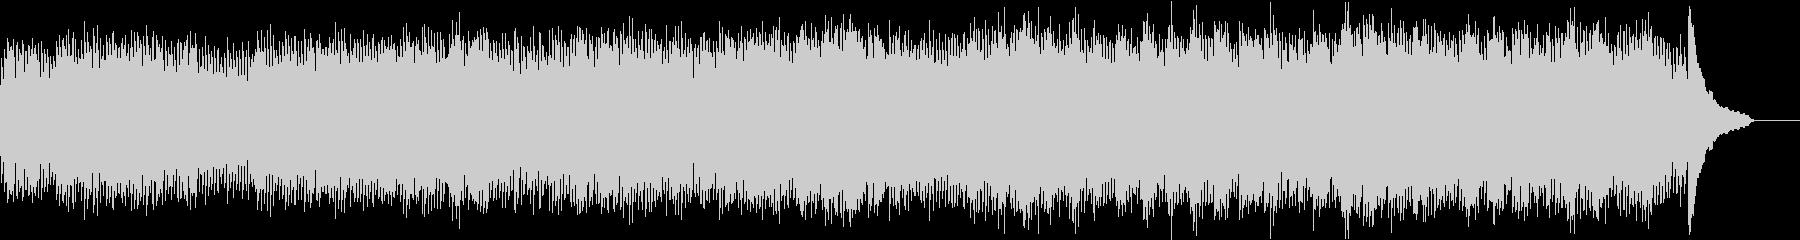 バッハの有名曲をチェンバロでの未再生の波形